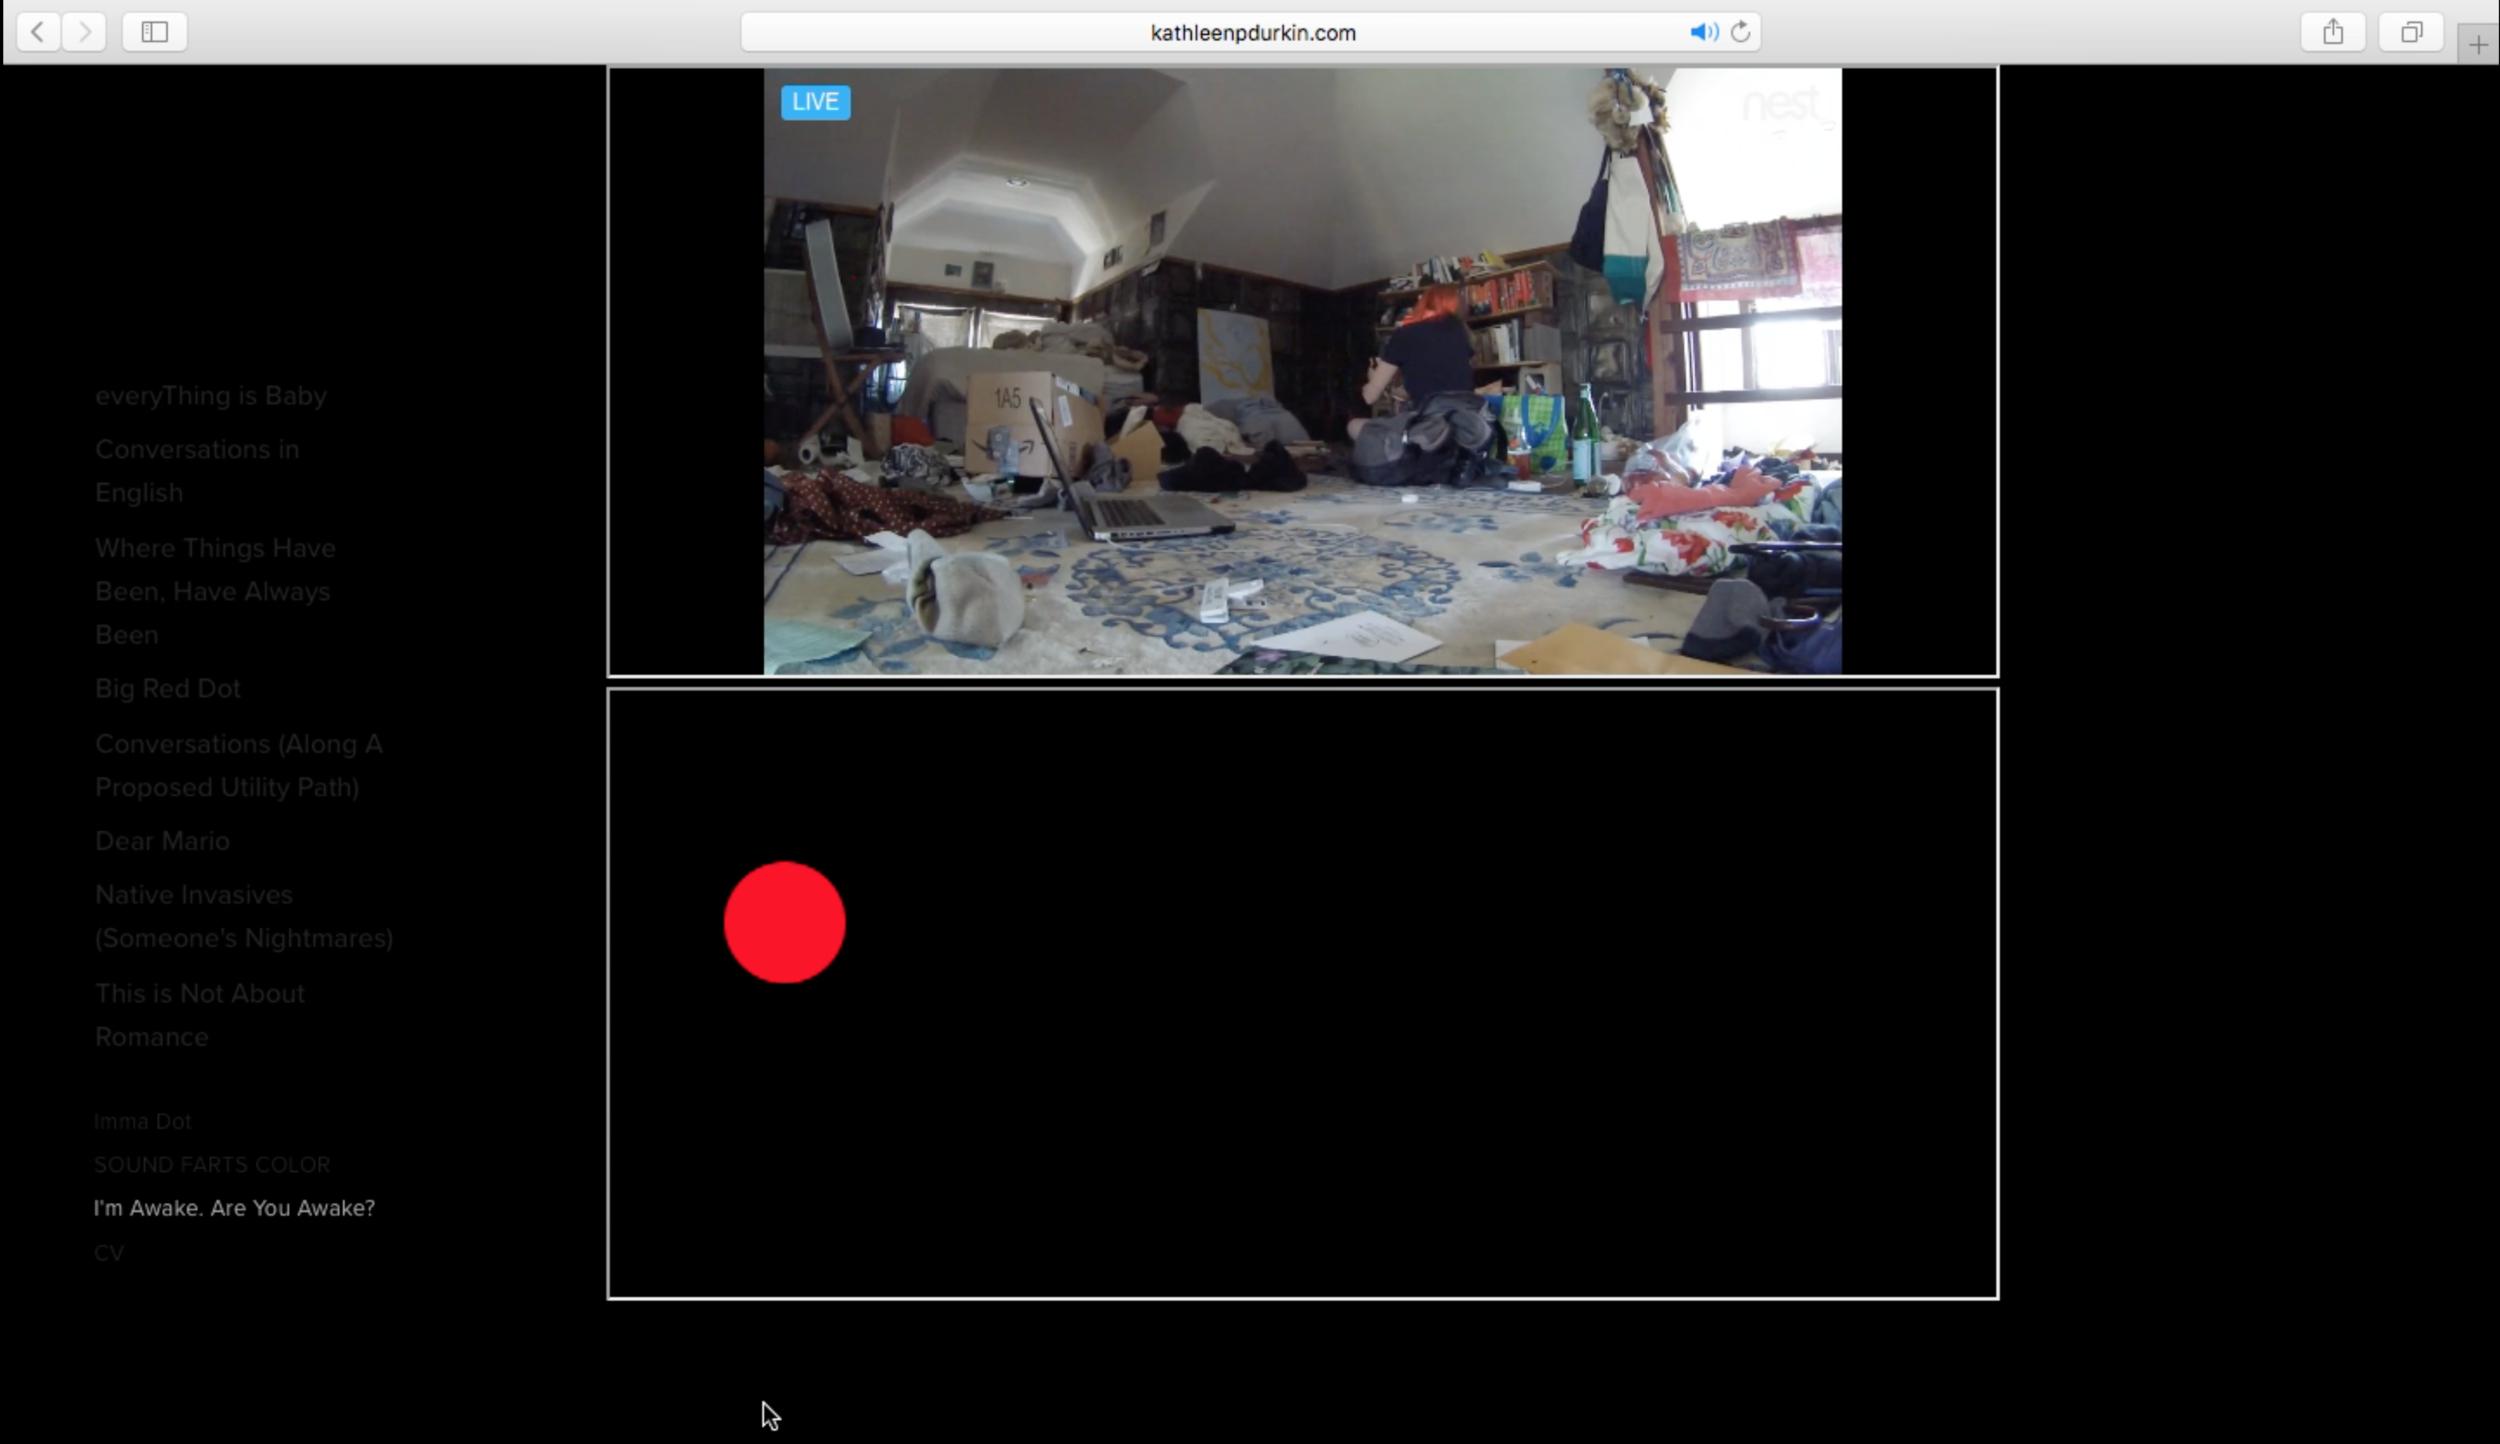 Screen Shot 2019-05-12 at 12.08.25 AM.png